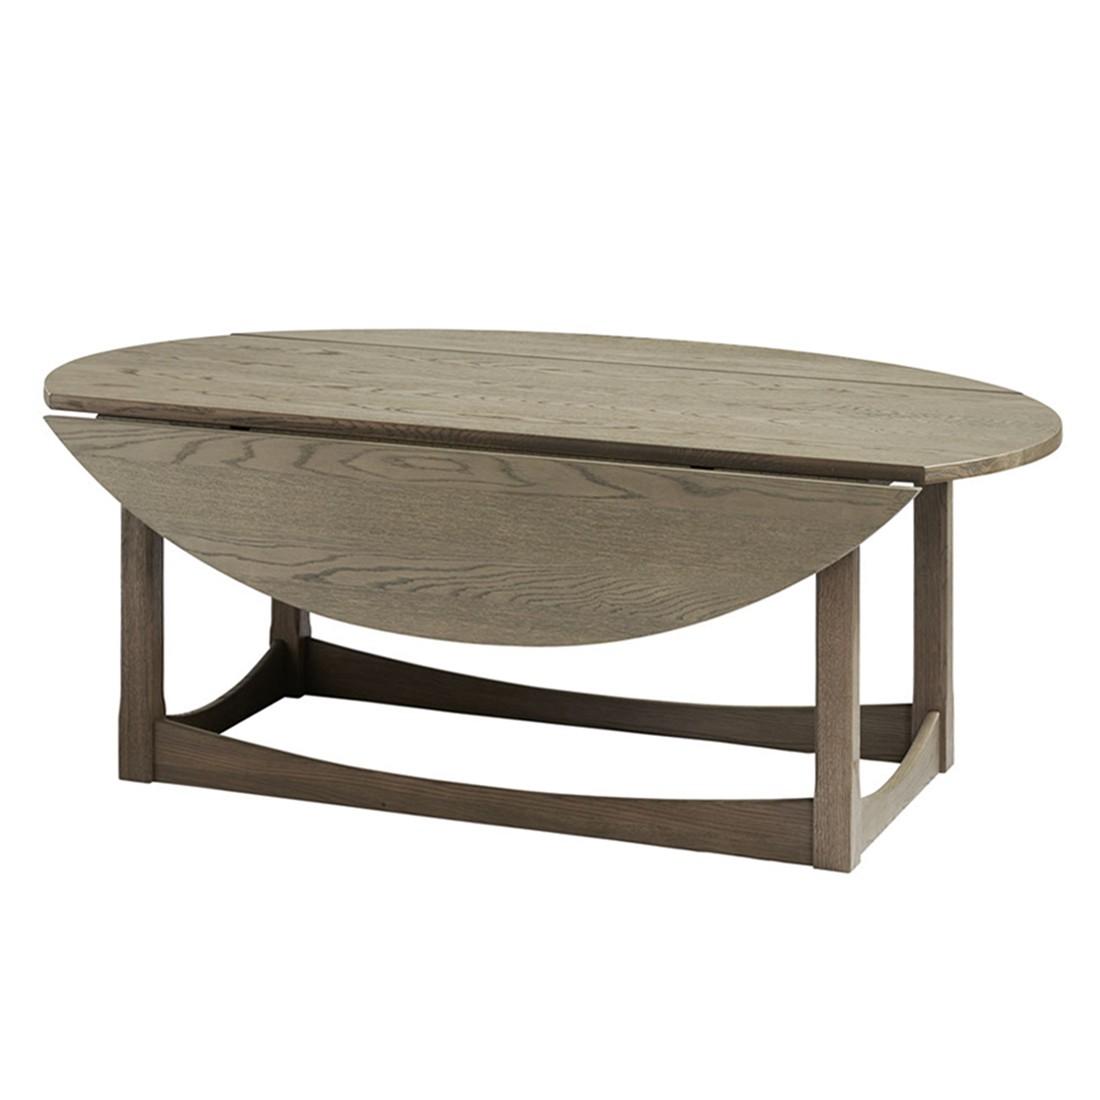 Couchtisch Holz Oval  Preisvergleiche, Erfahrungsberichte